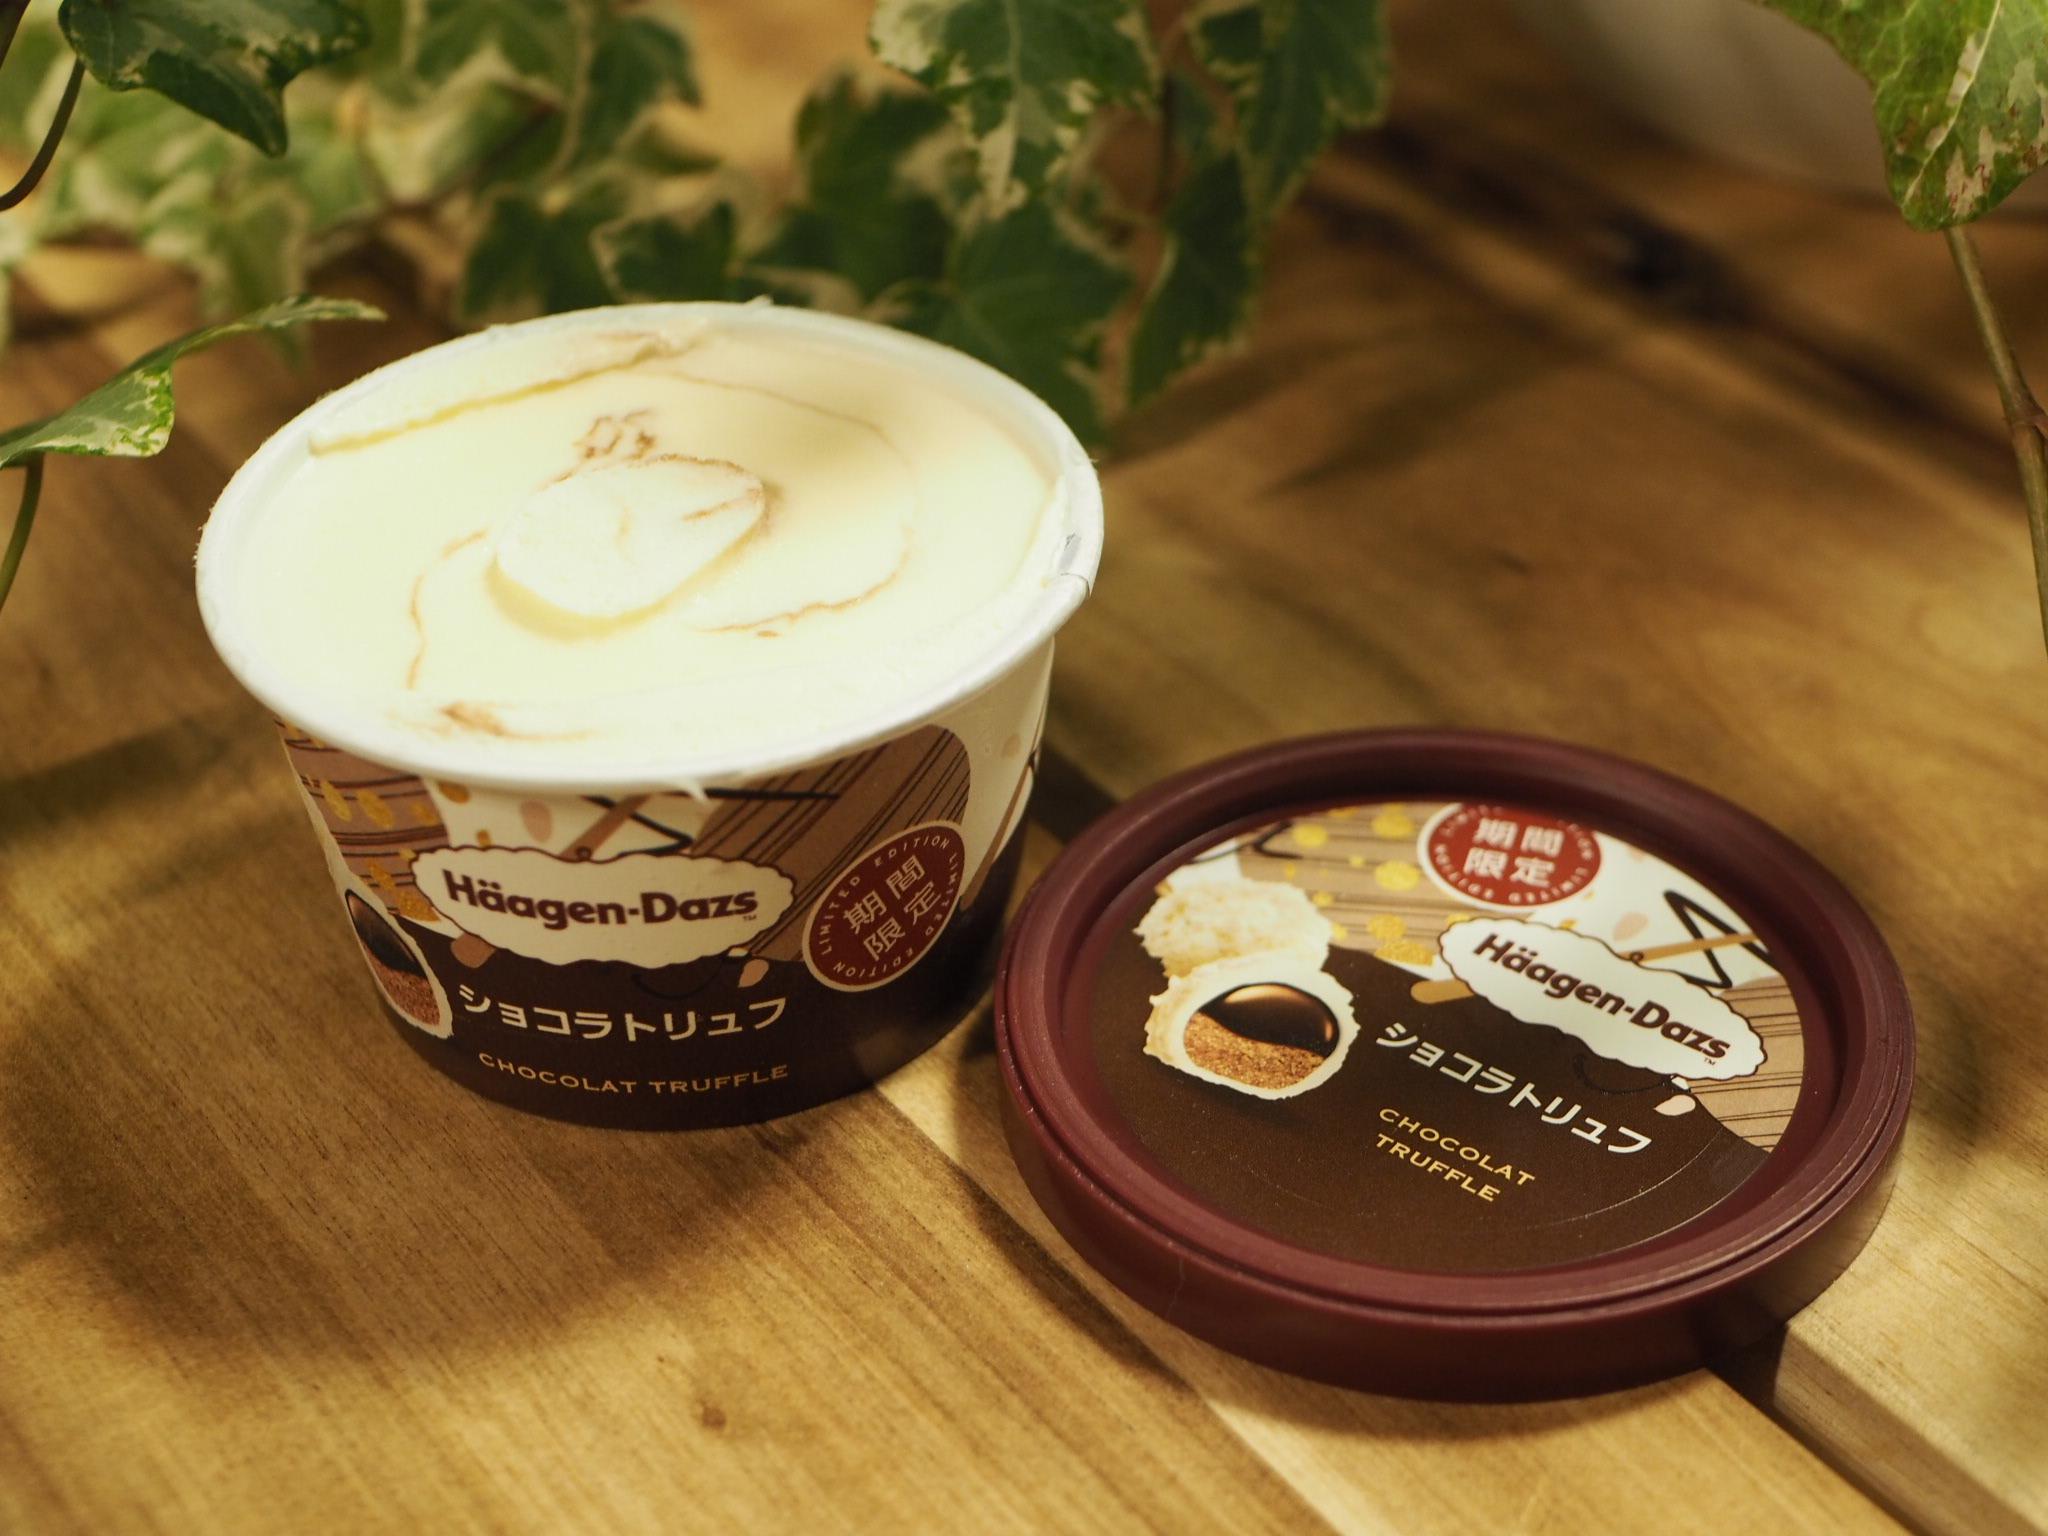 チョコ好き必見!【ハーゲンダッツ期間限定】3種類のチョコレートとパリパリ食感を楽しめる《ショコラトリュフ》♡_2